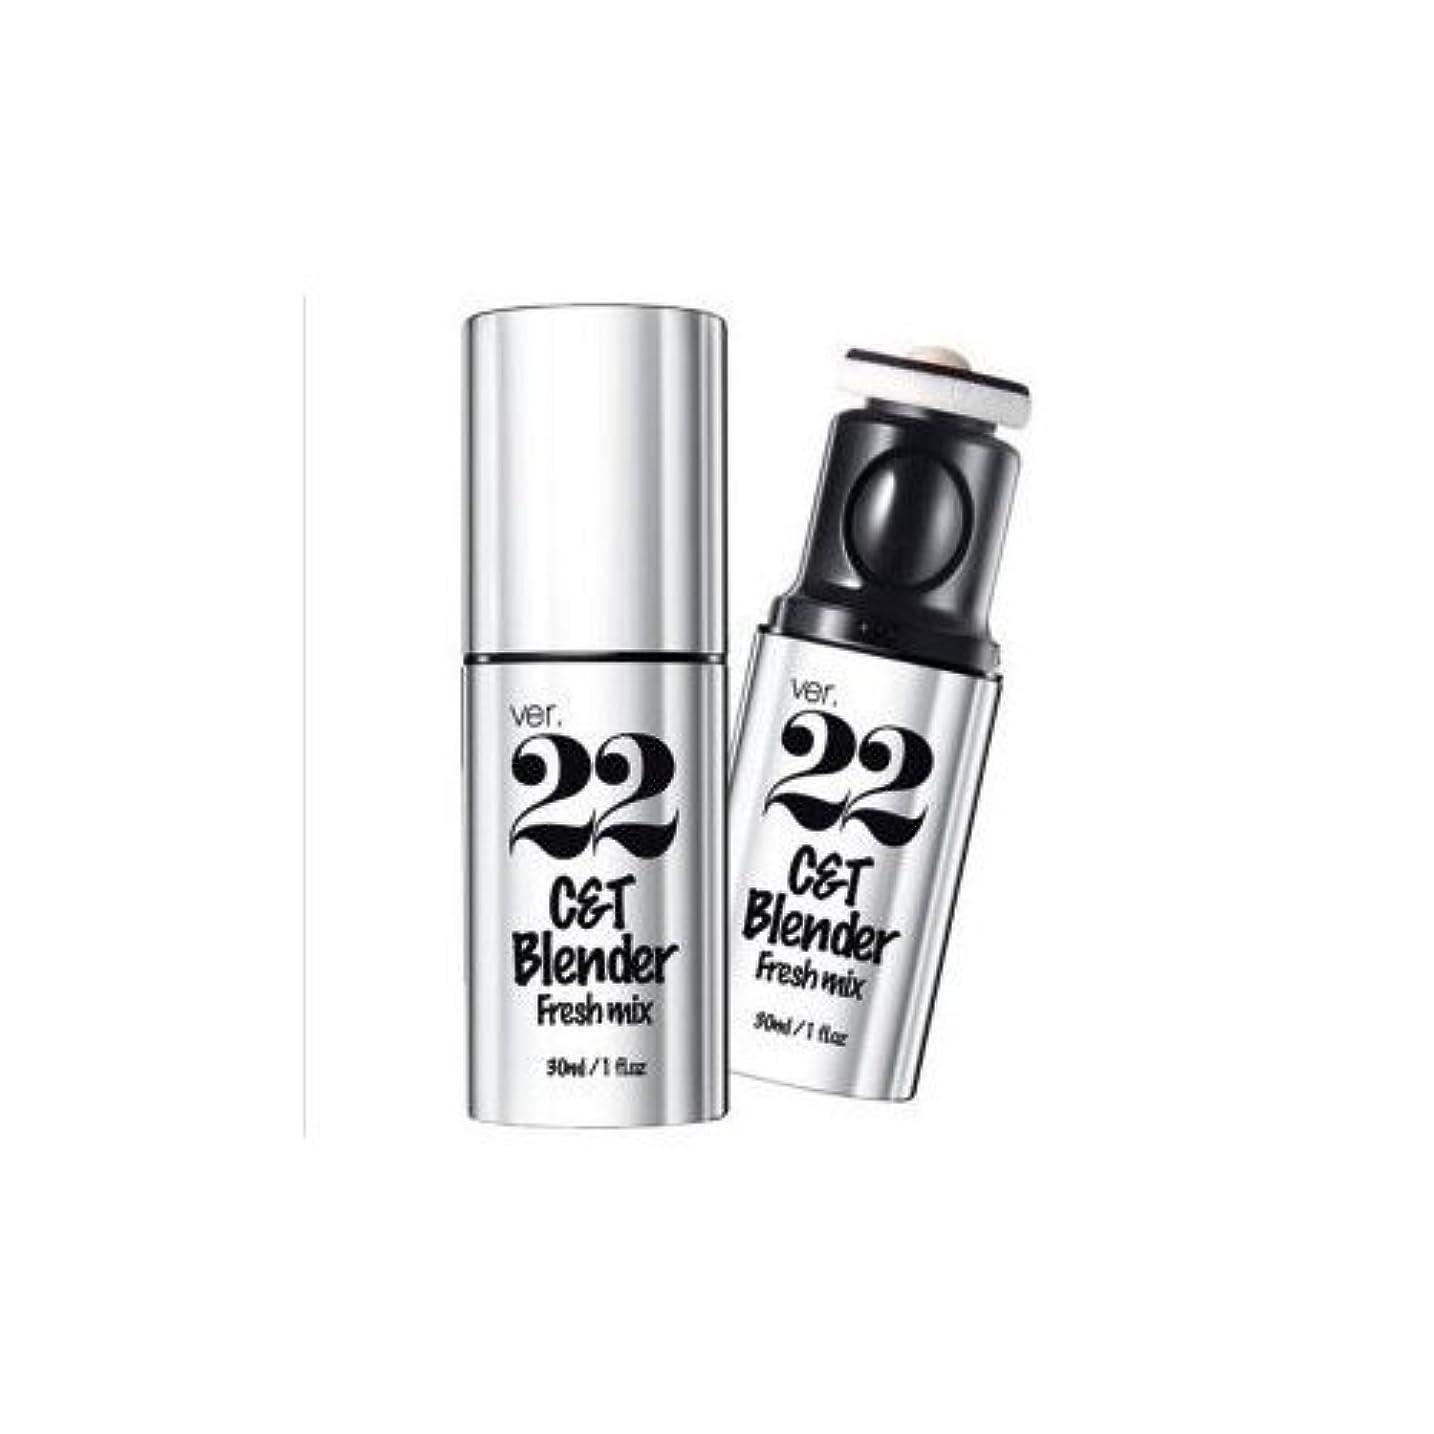 モナリザ前兆パケットchosungah22 C&T Blender Fresh Mix 30ml, Capsule Foundation, #01, Korean Cosmetics